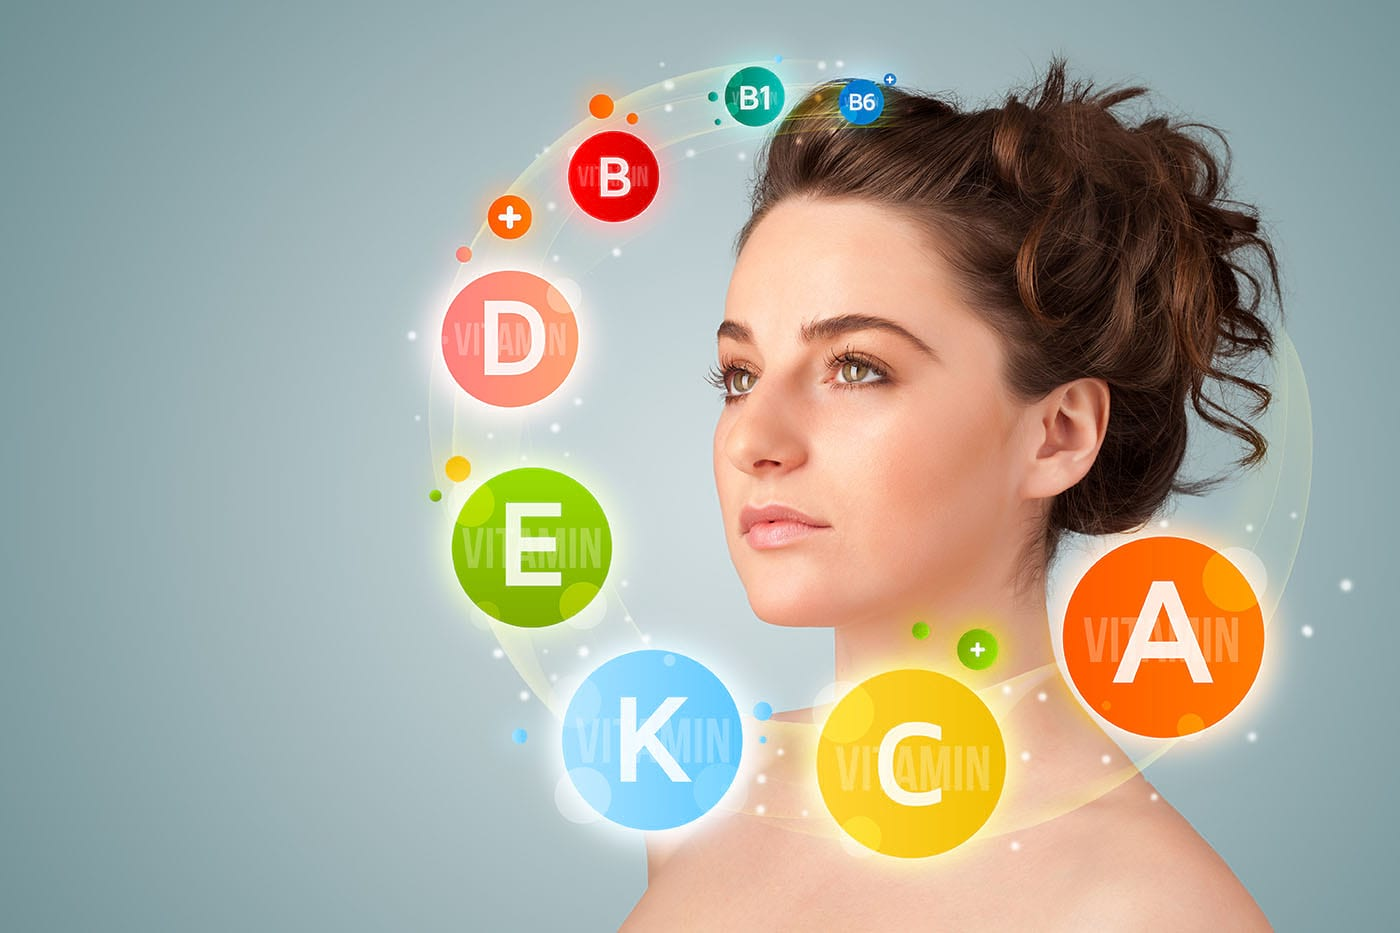 De la vitamina A la vitamina E: cei mai buni aliați pentru o piele frumoasă